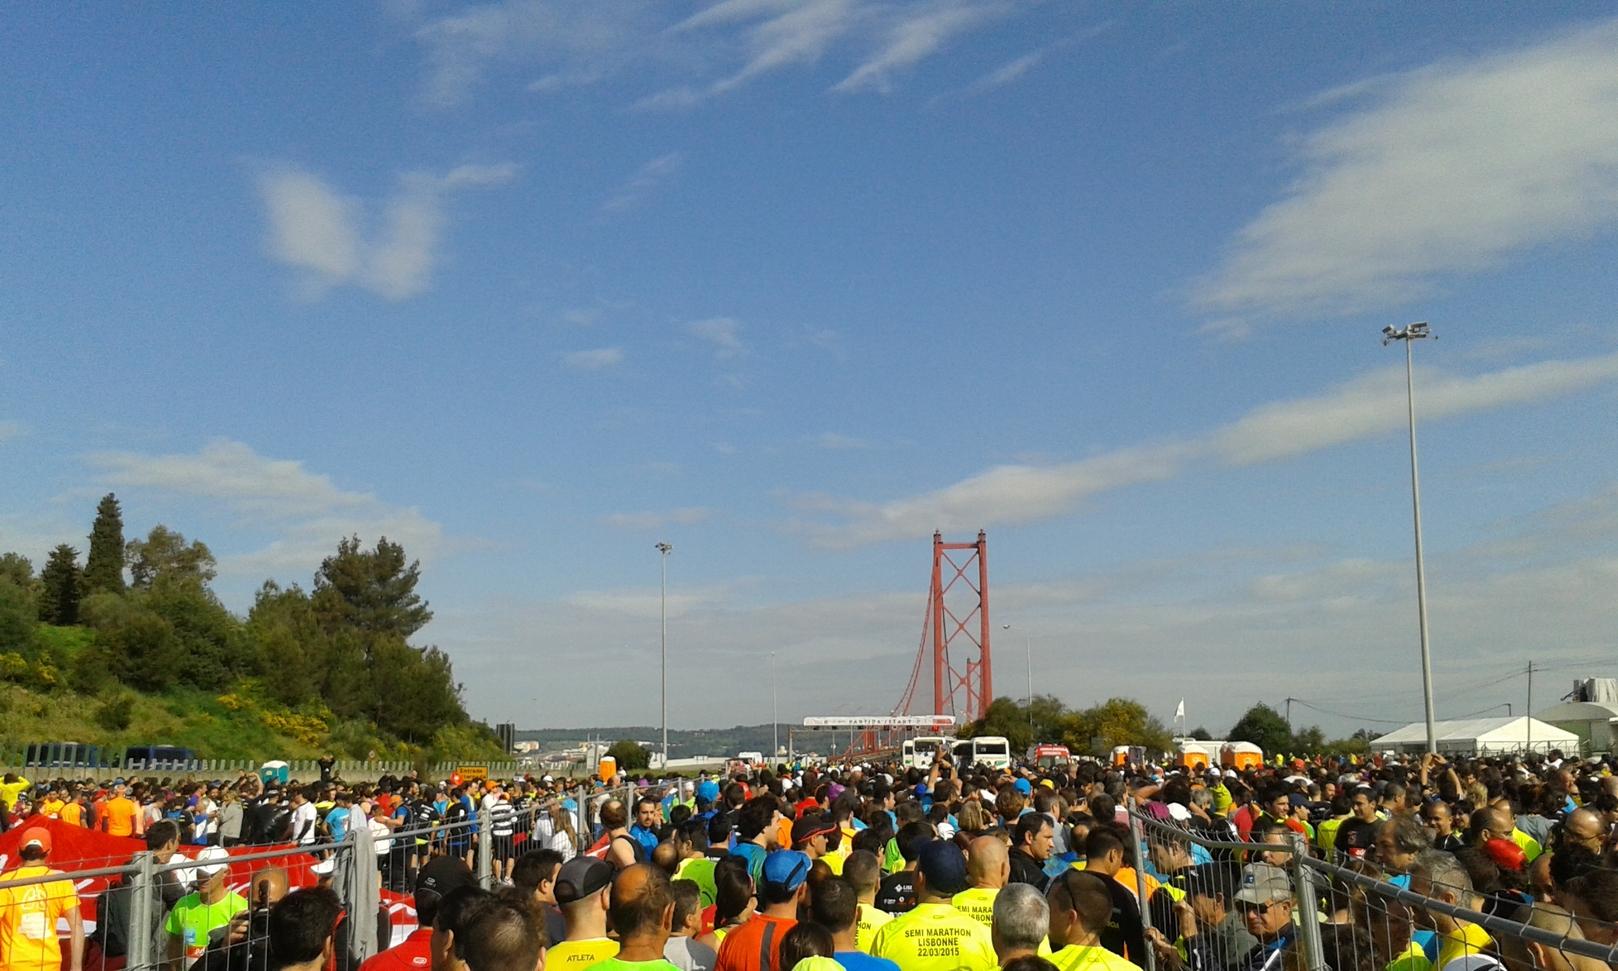 Über 30.000 Läufer auf der Ponte 25 de Abril …